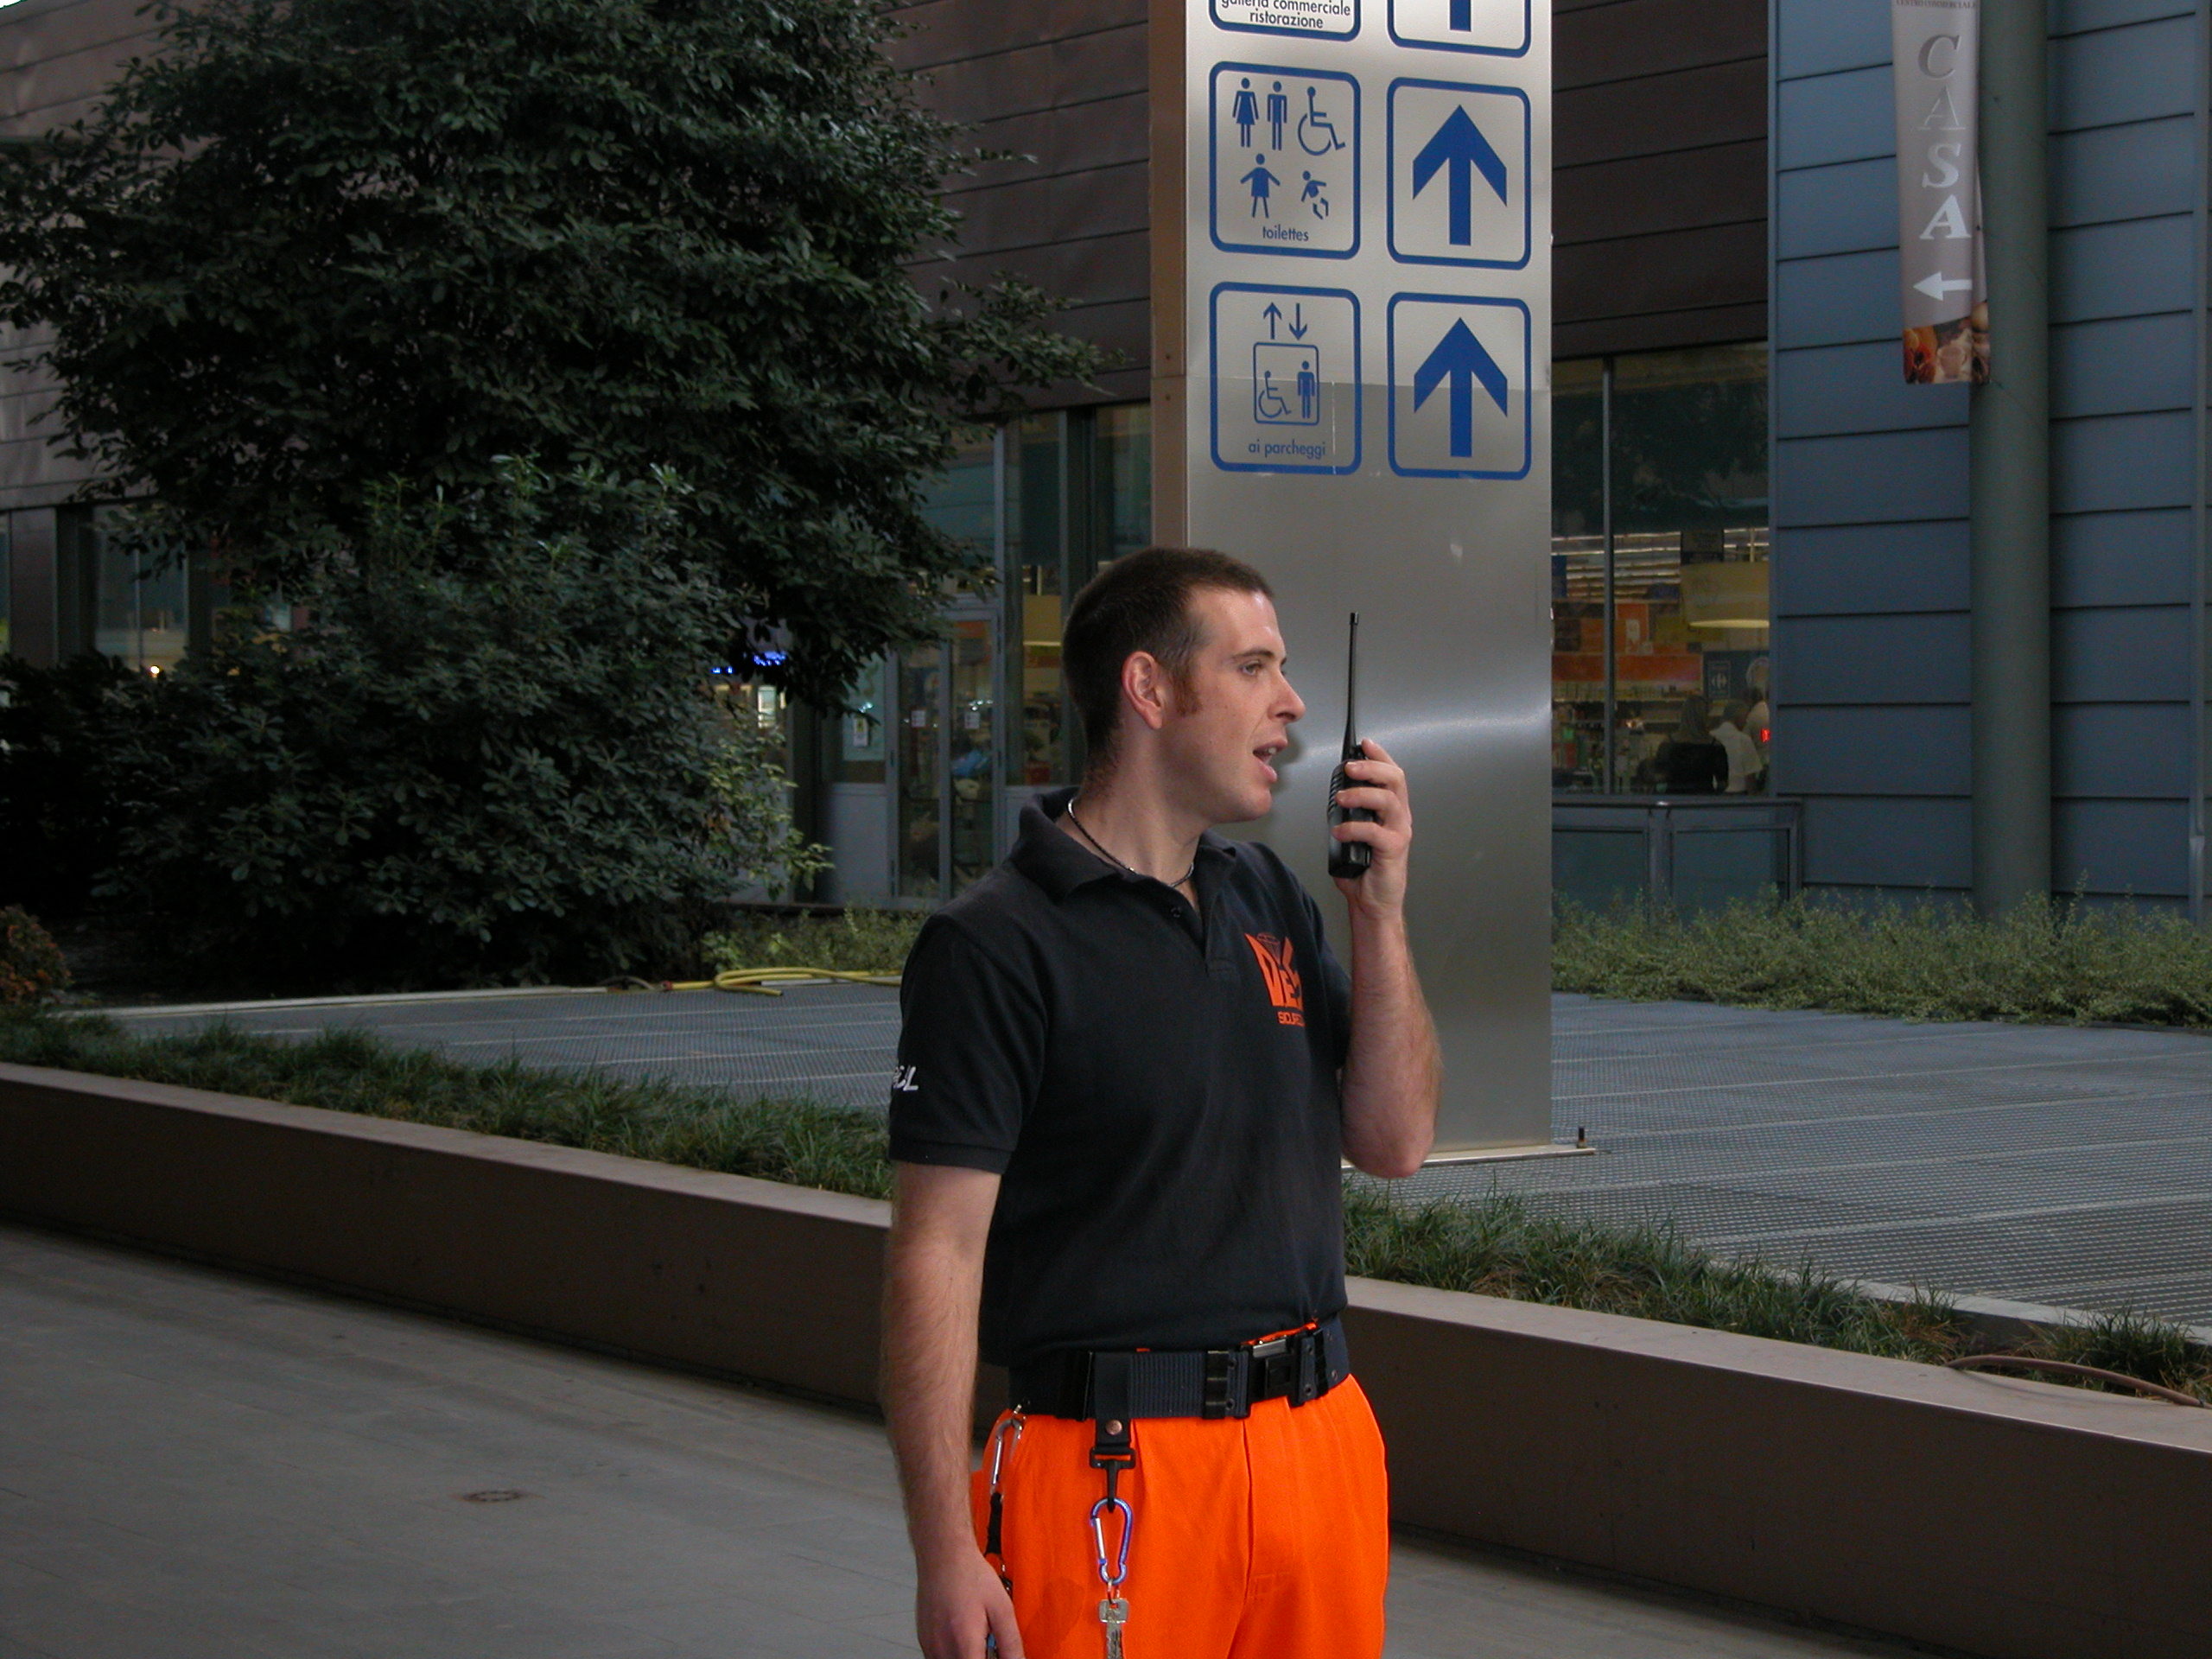 DES Sicurezza - Servizio Antincendio